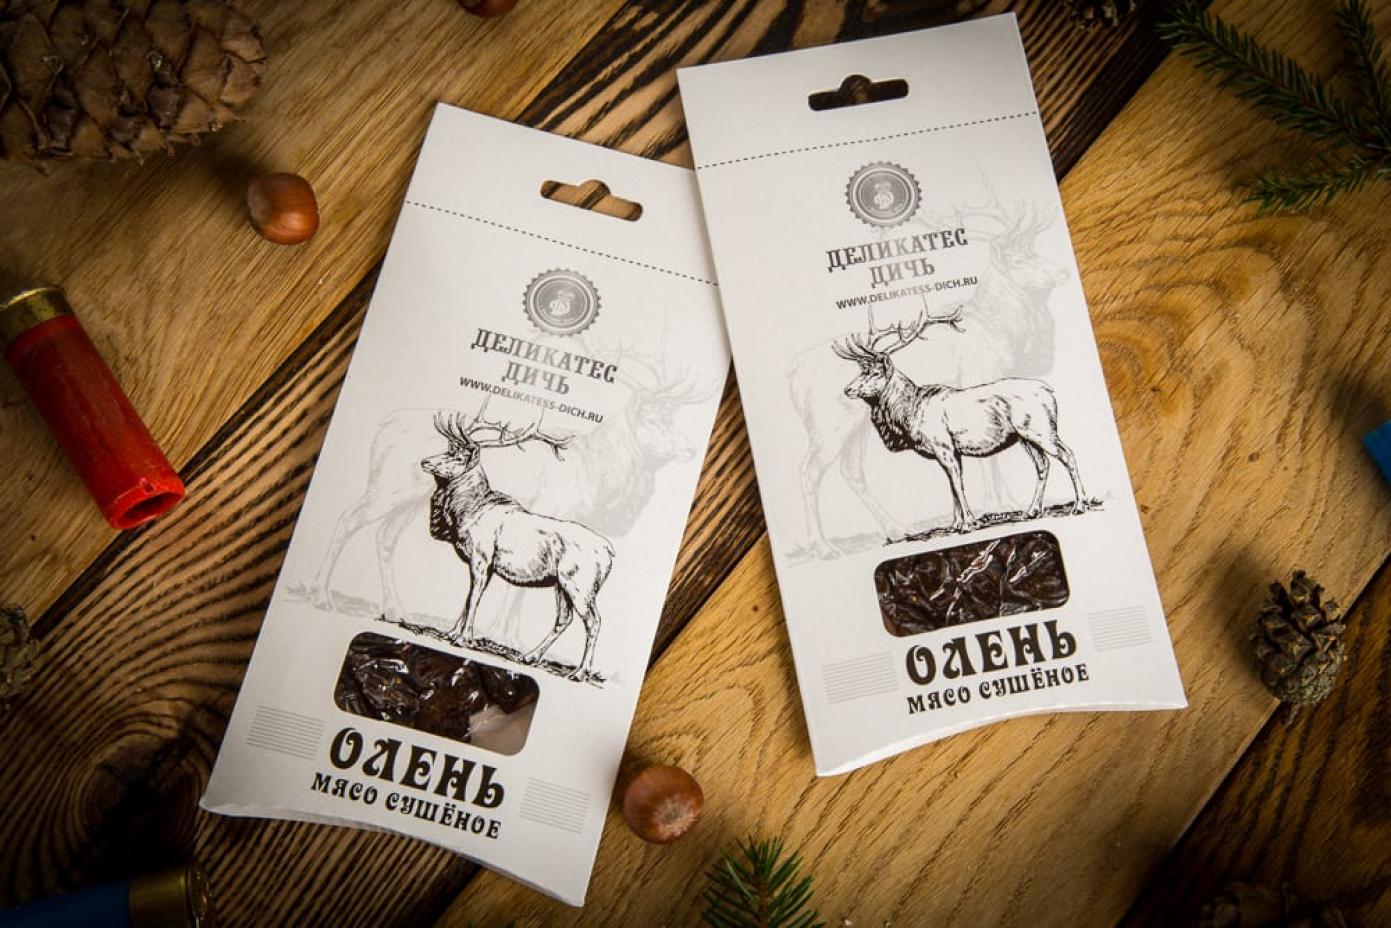 Сушеное мясо Оленя в подарочной упаковке 35г